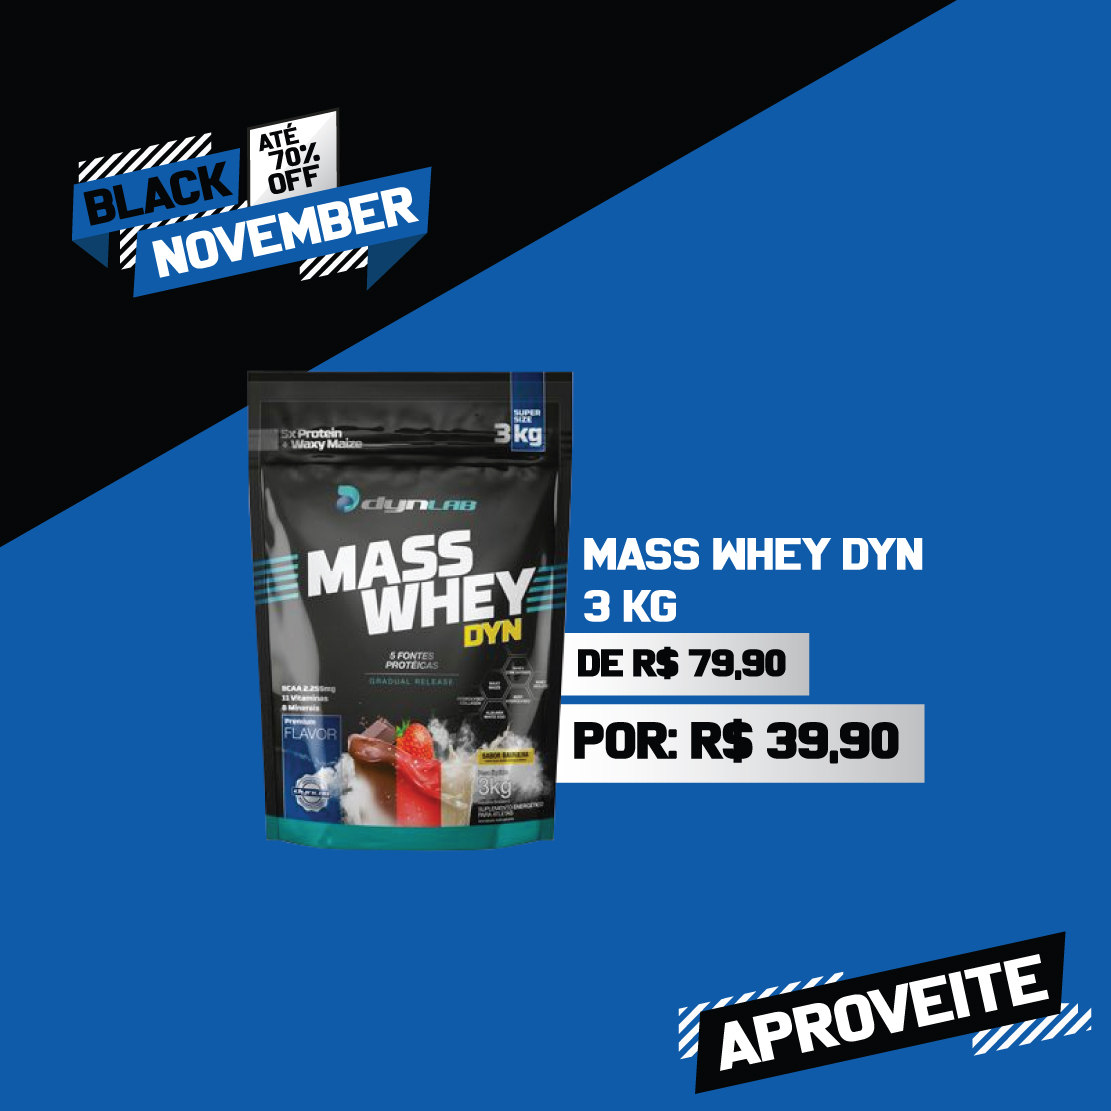 Mass Whey - R$79,90 por R$39,90